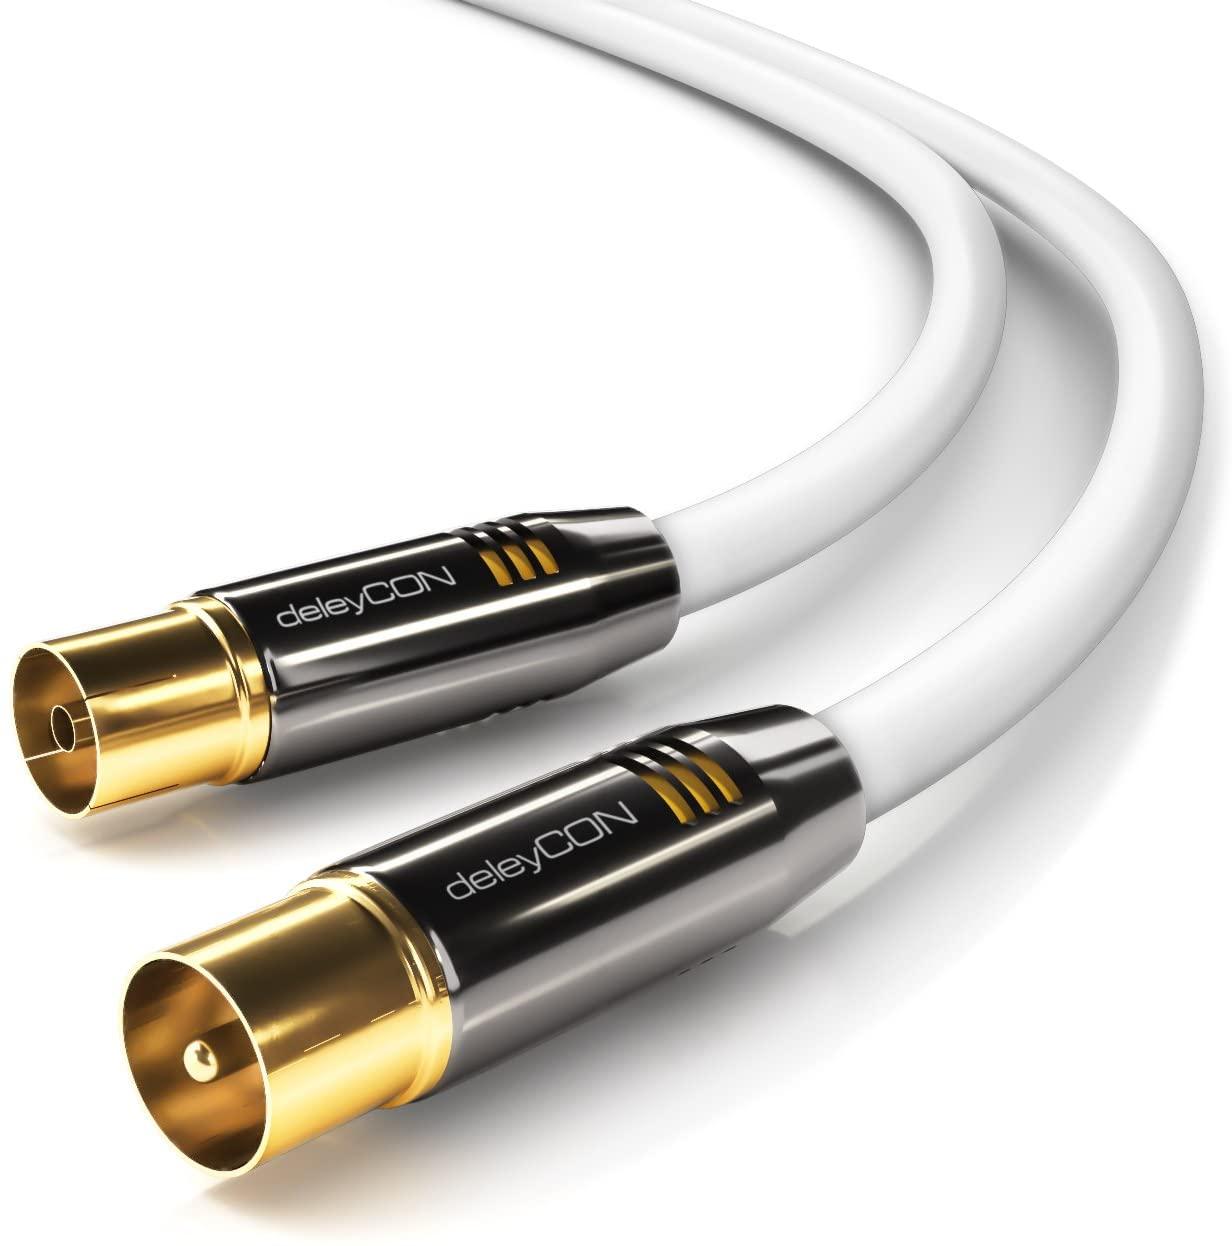 deleyCON 3,0m TV Cable de la Antena Coaxial Cable de TV 100dB 4K Ultra HD UHD HDTV Full HD - Enchufe de TV a Toma de TV - Conector Metálico - Analógico Digital - Blanco